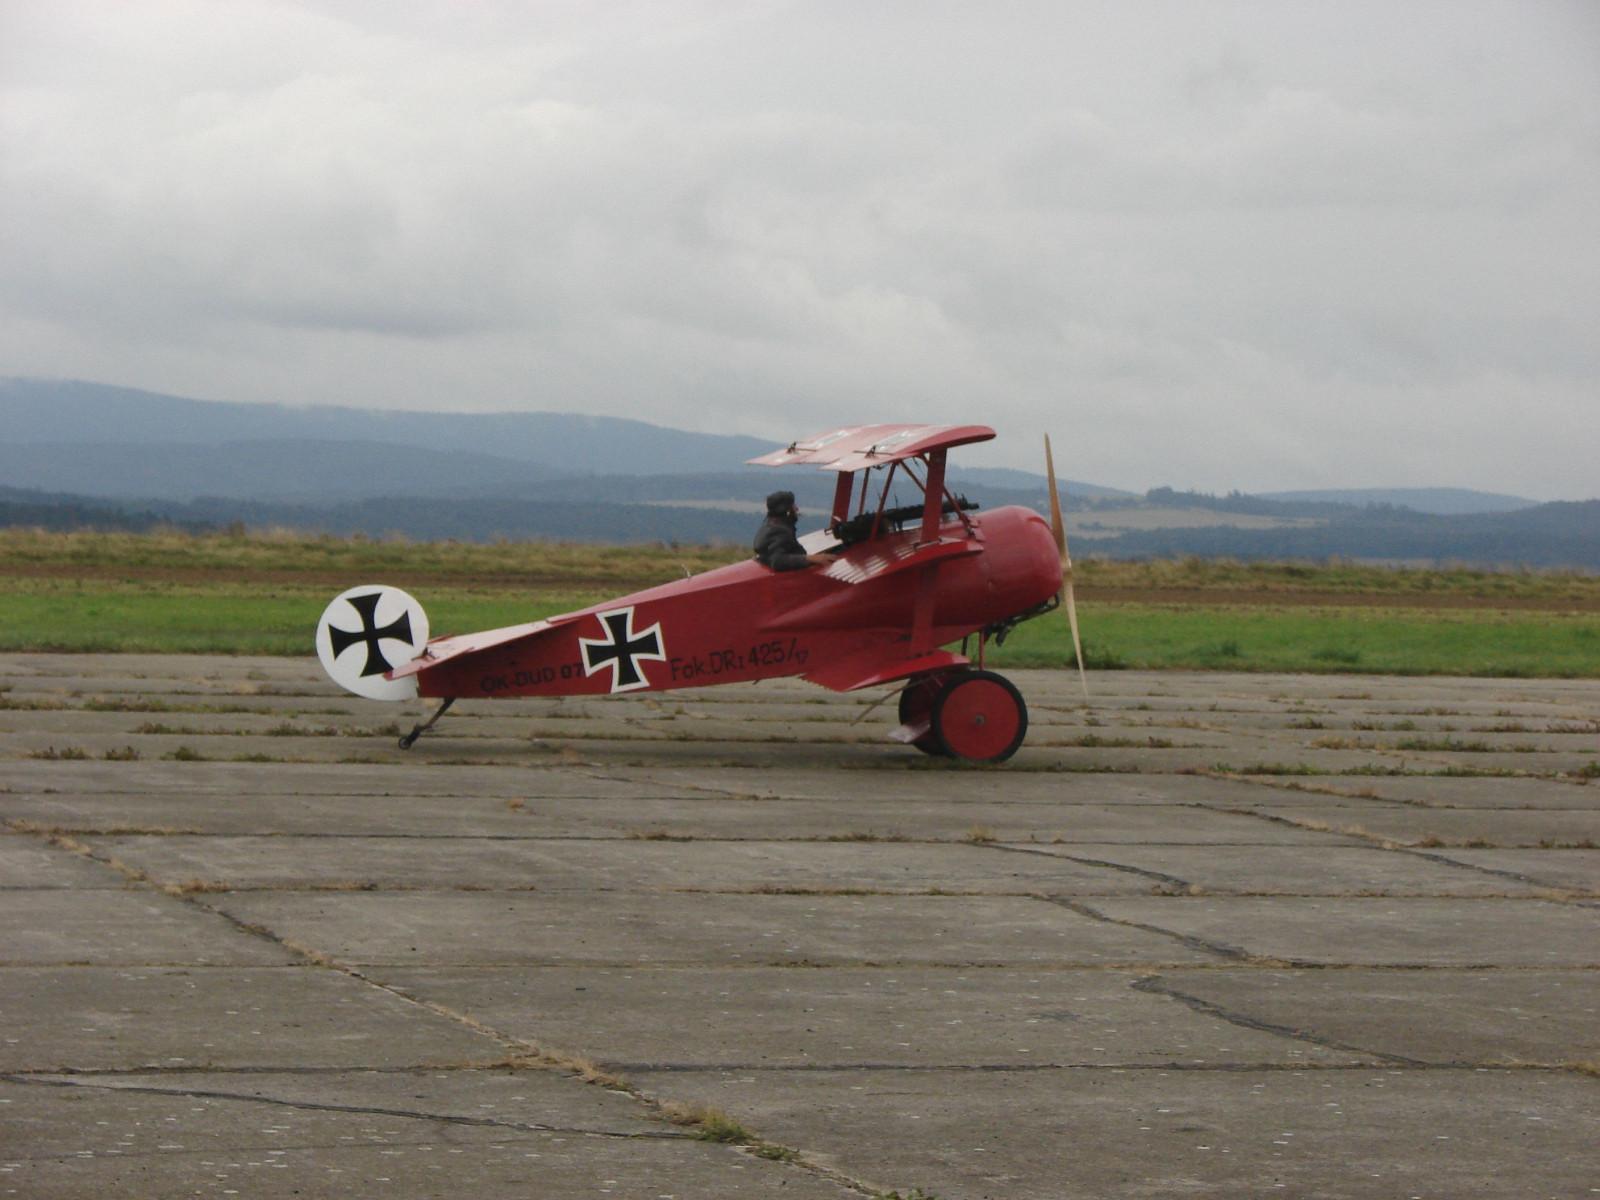 Tapeta historycke_letadlo